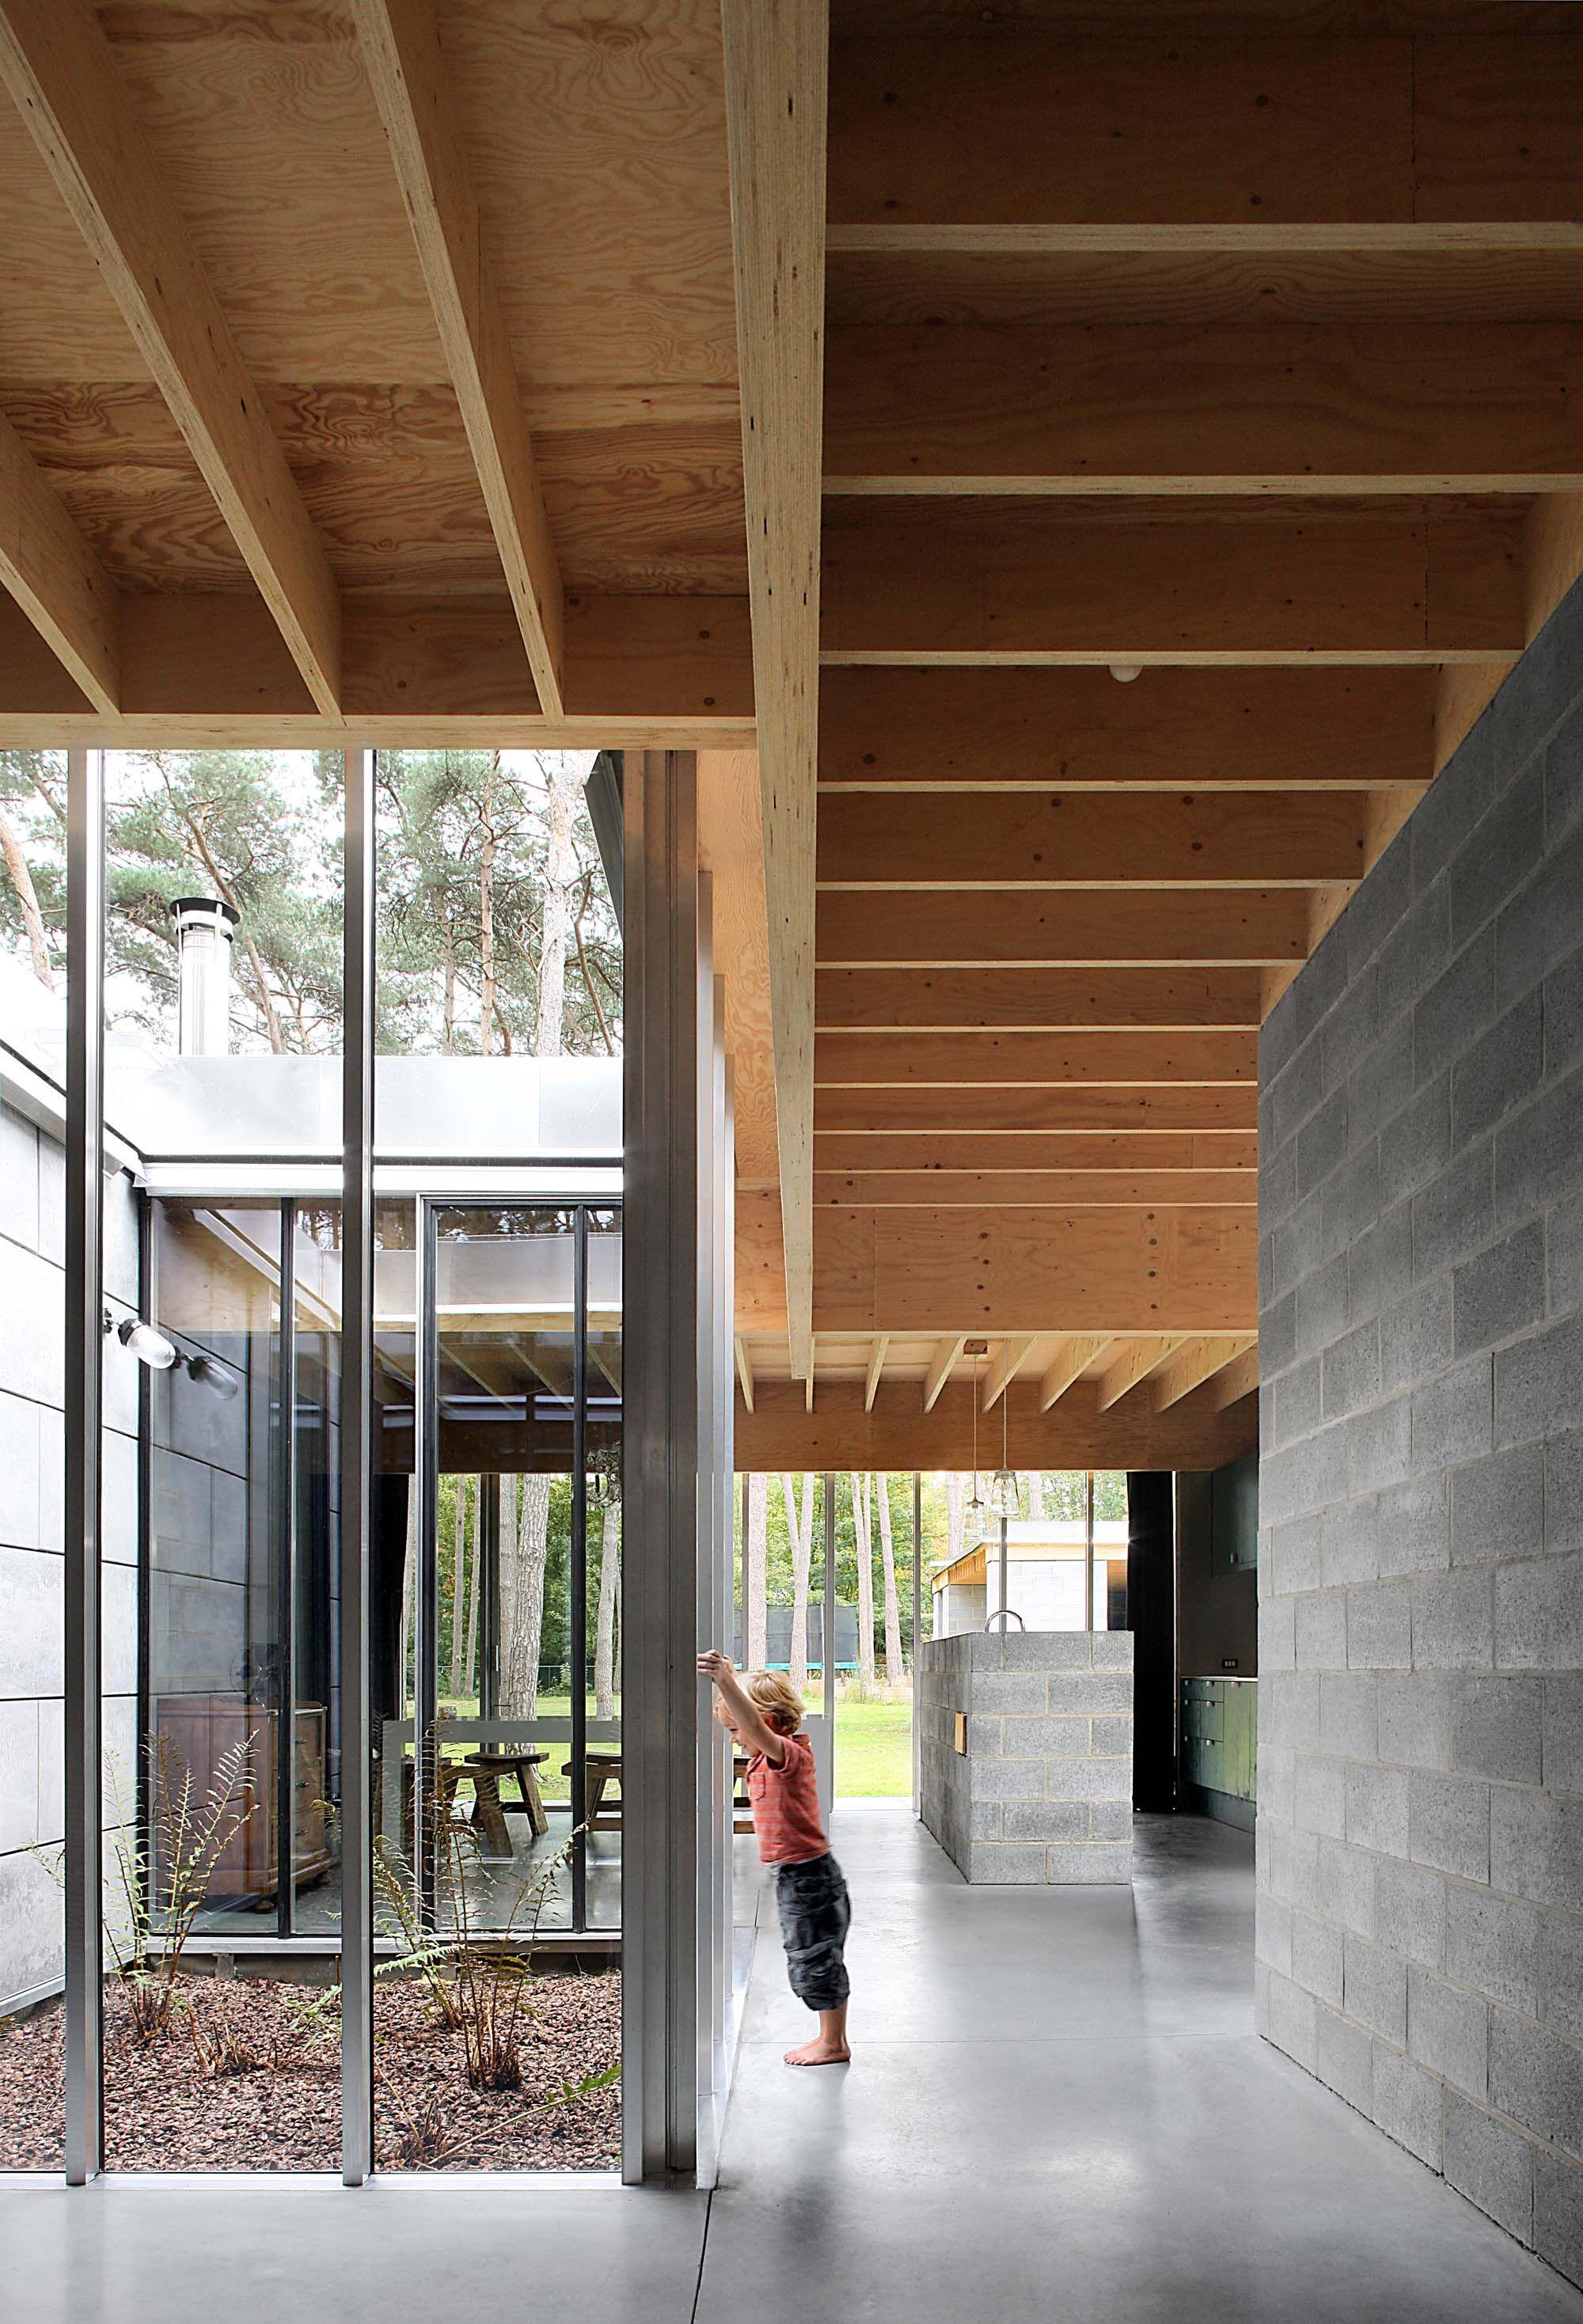 ONO architectuur   Architektur   Pinterest   Architektur, Neubau und ...